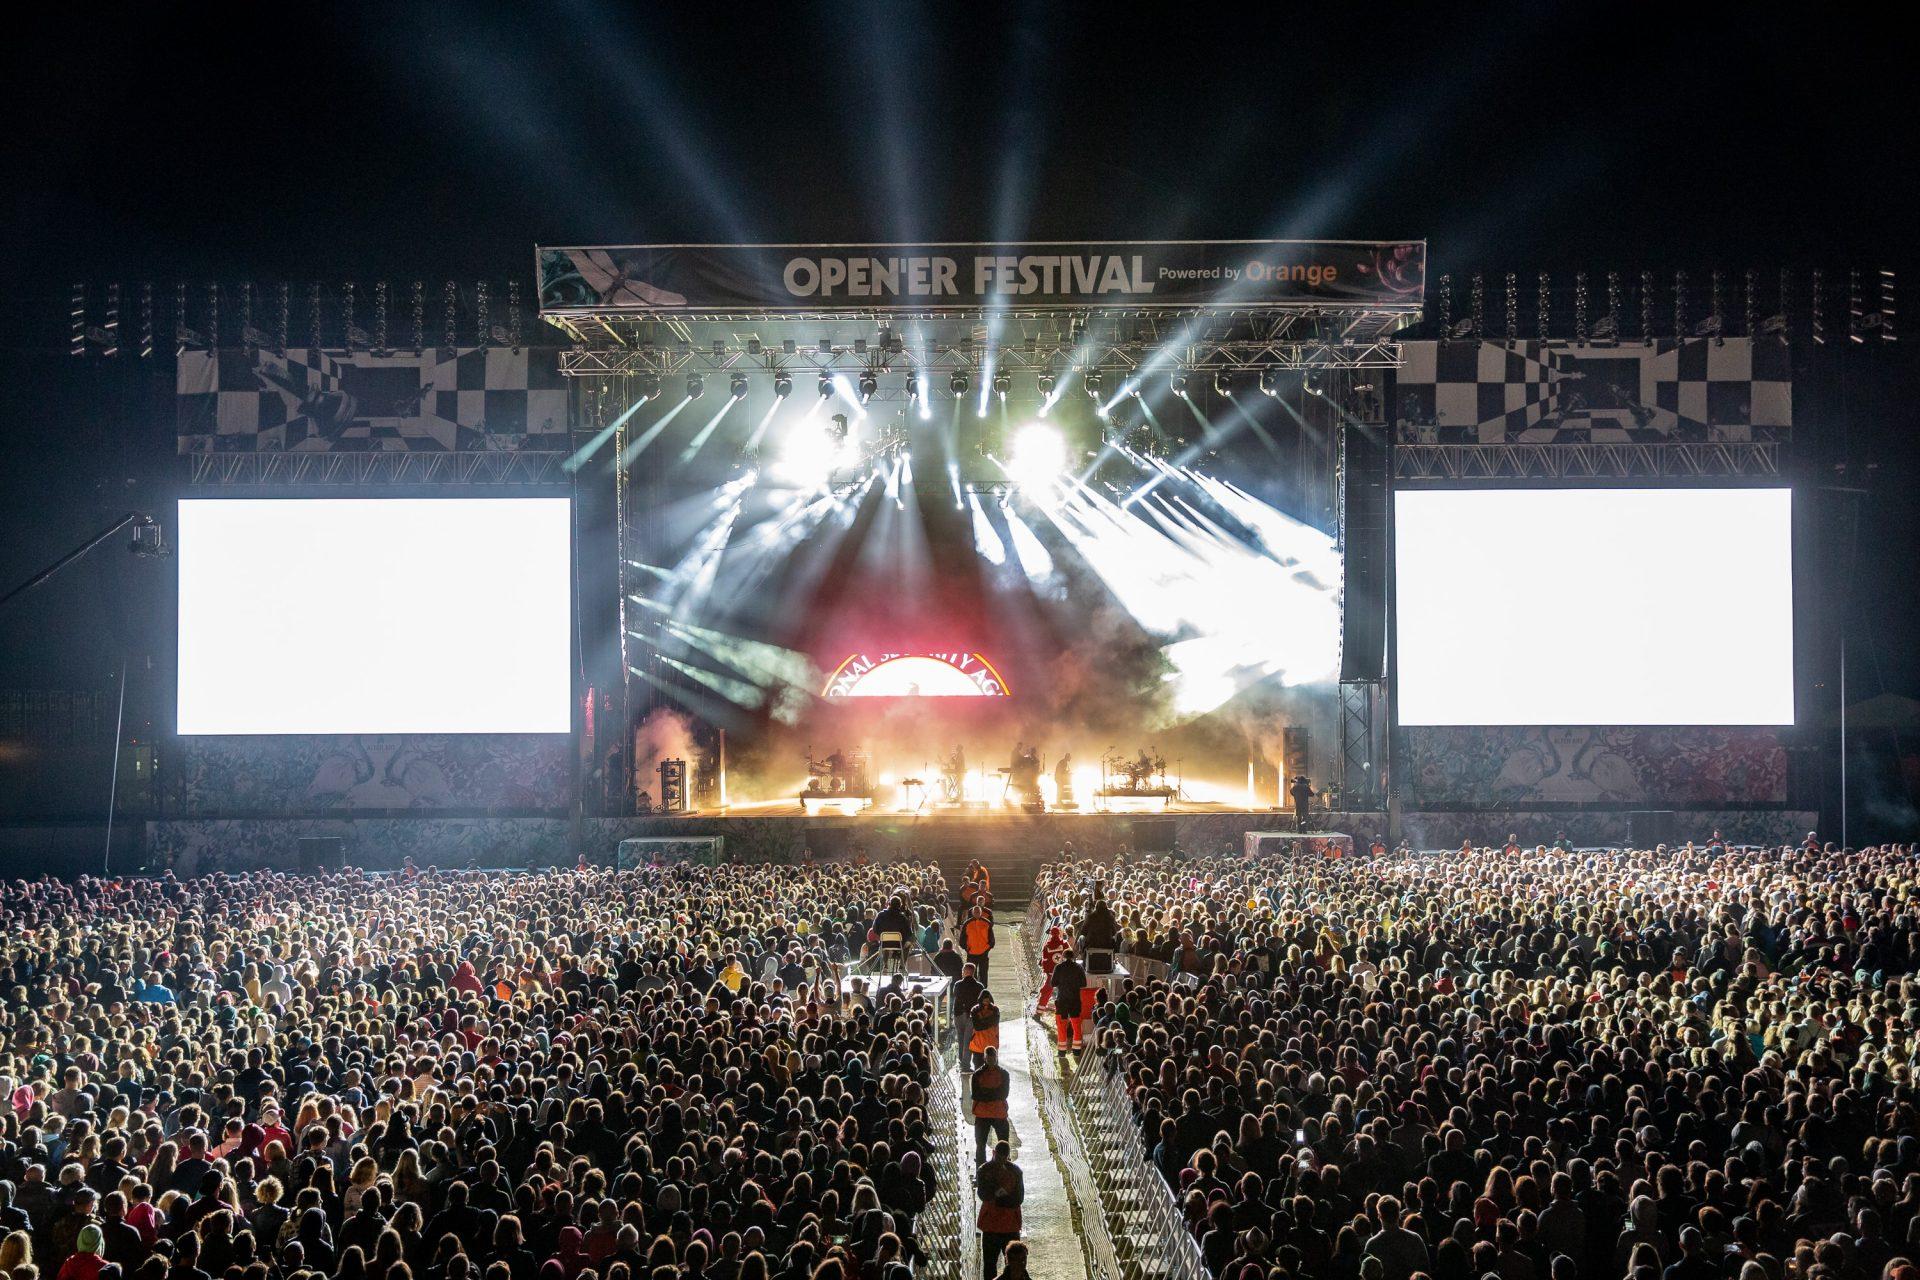 Open'er 2018, fot. M. Murawski (źródło: materiały prasowe organizatora)